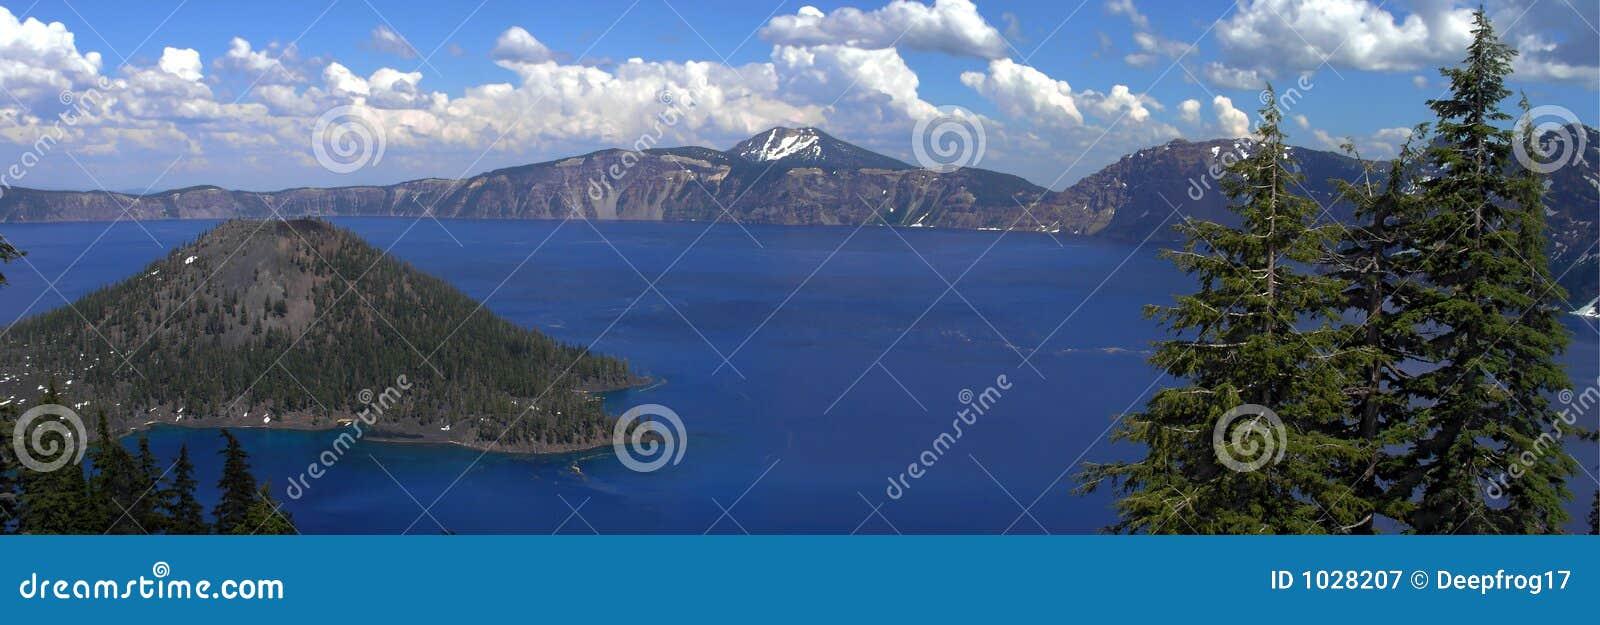 λίμνη κρατήρων πανοραμική